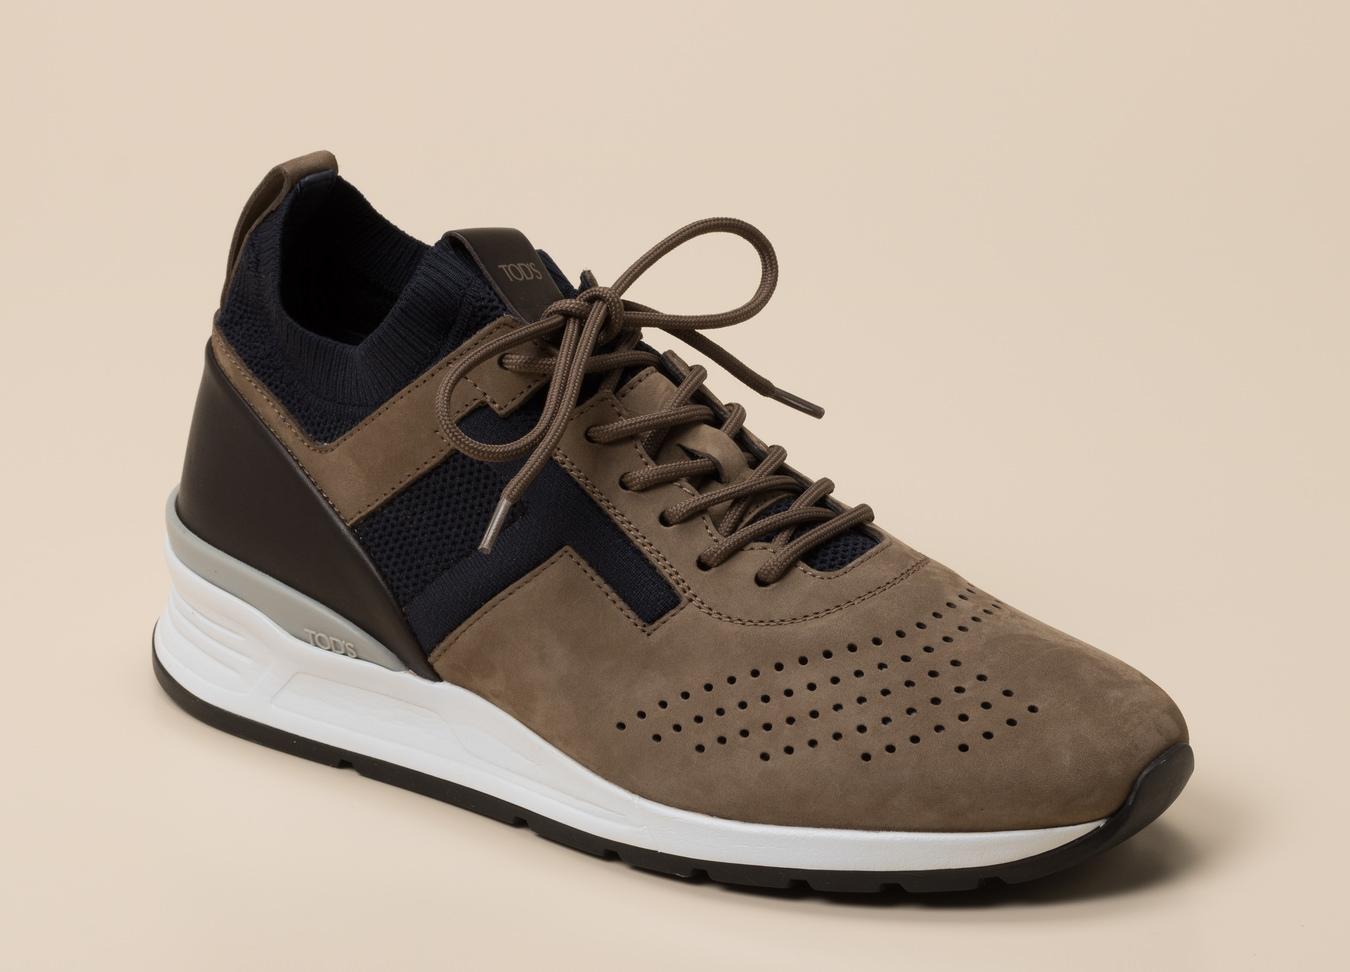 Tod's Herren Sneaker in braun kaufen | Zumnorde Online Shop